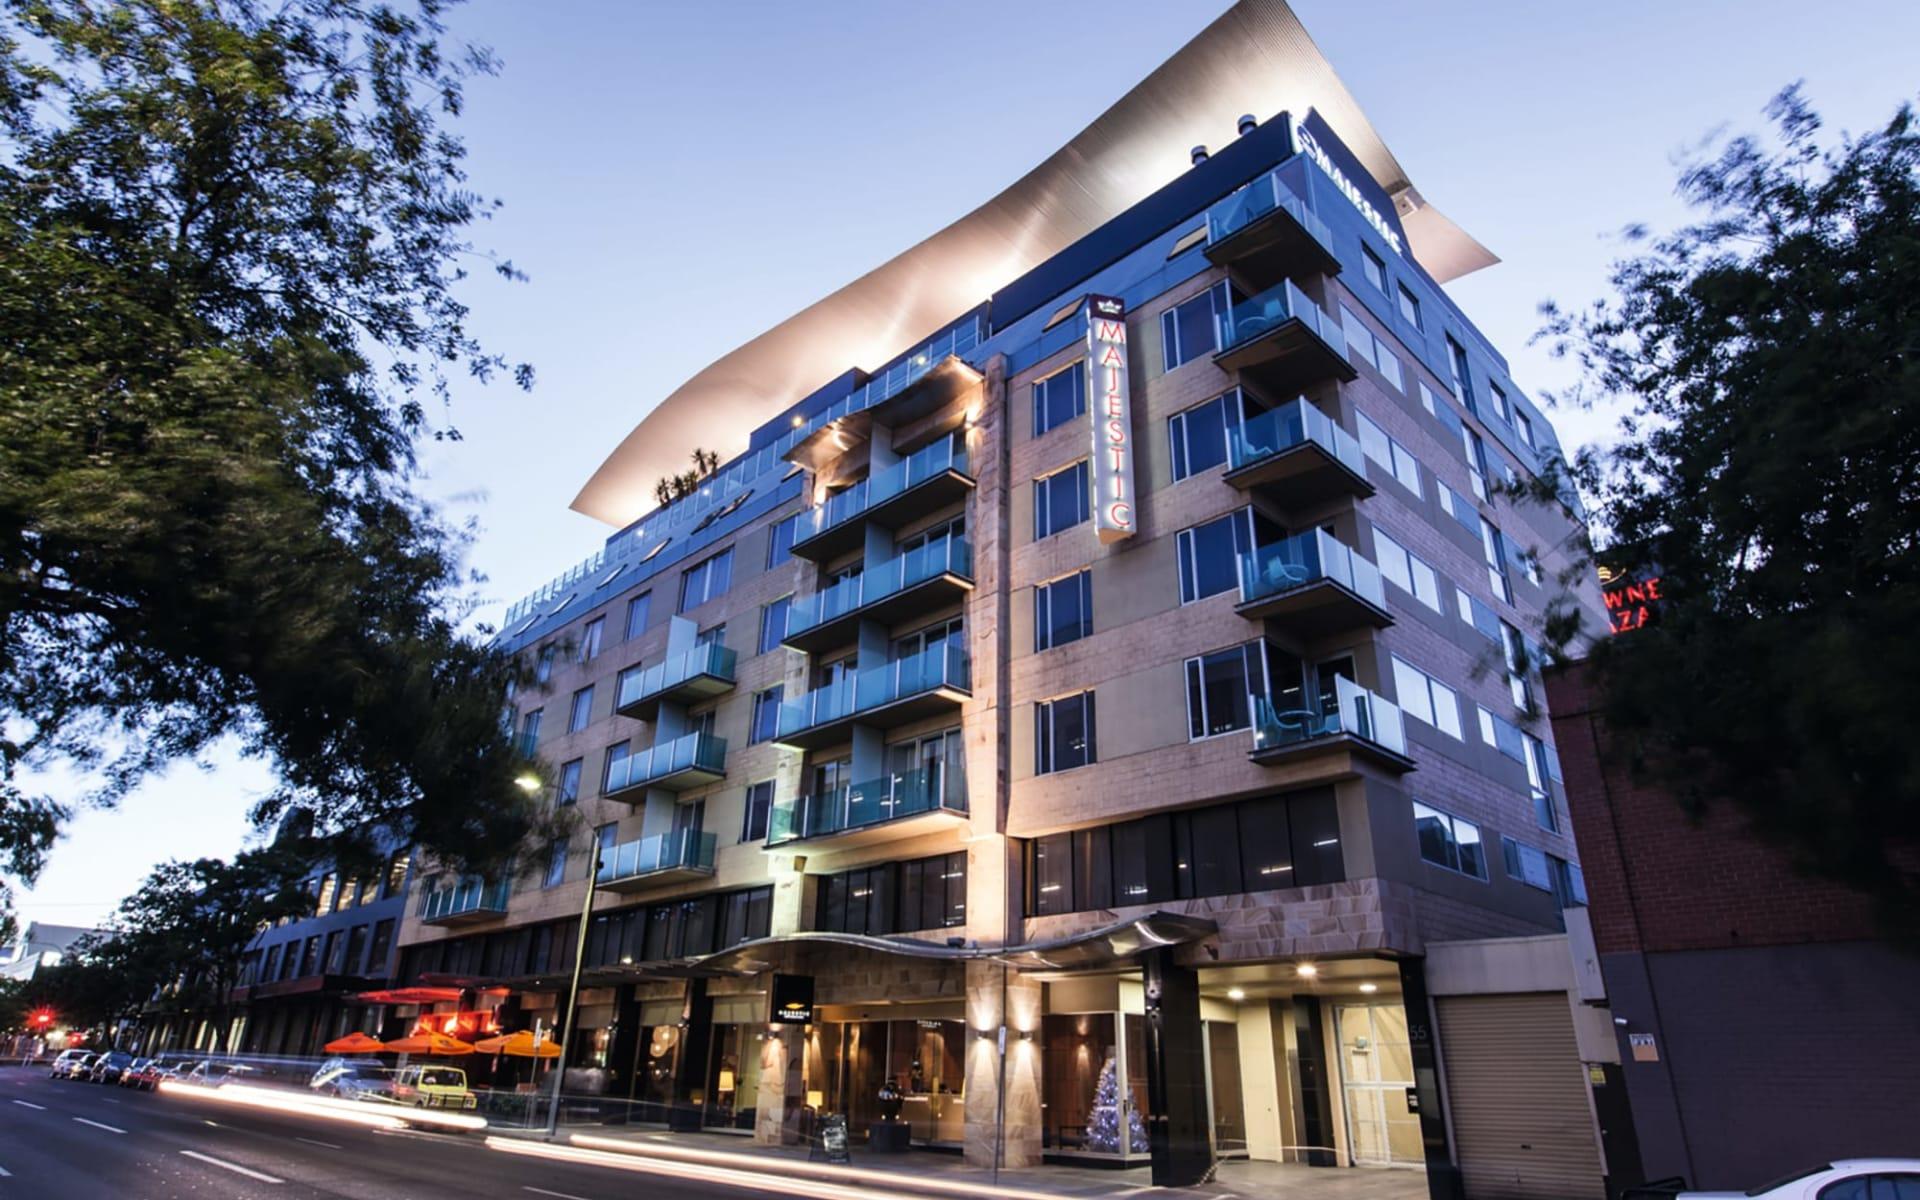 Majestic Roof Garden in Adelaide: Exterior Majestic Roof Gardens Hotel Adelaide Südaustralien Australien  Sicht auf das Hotel von aussen 2017